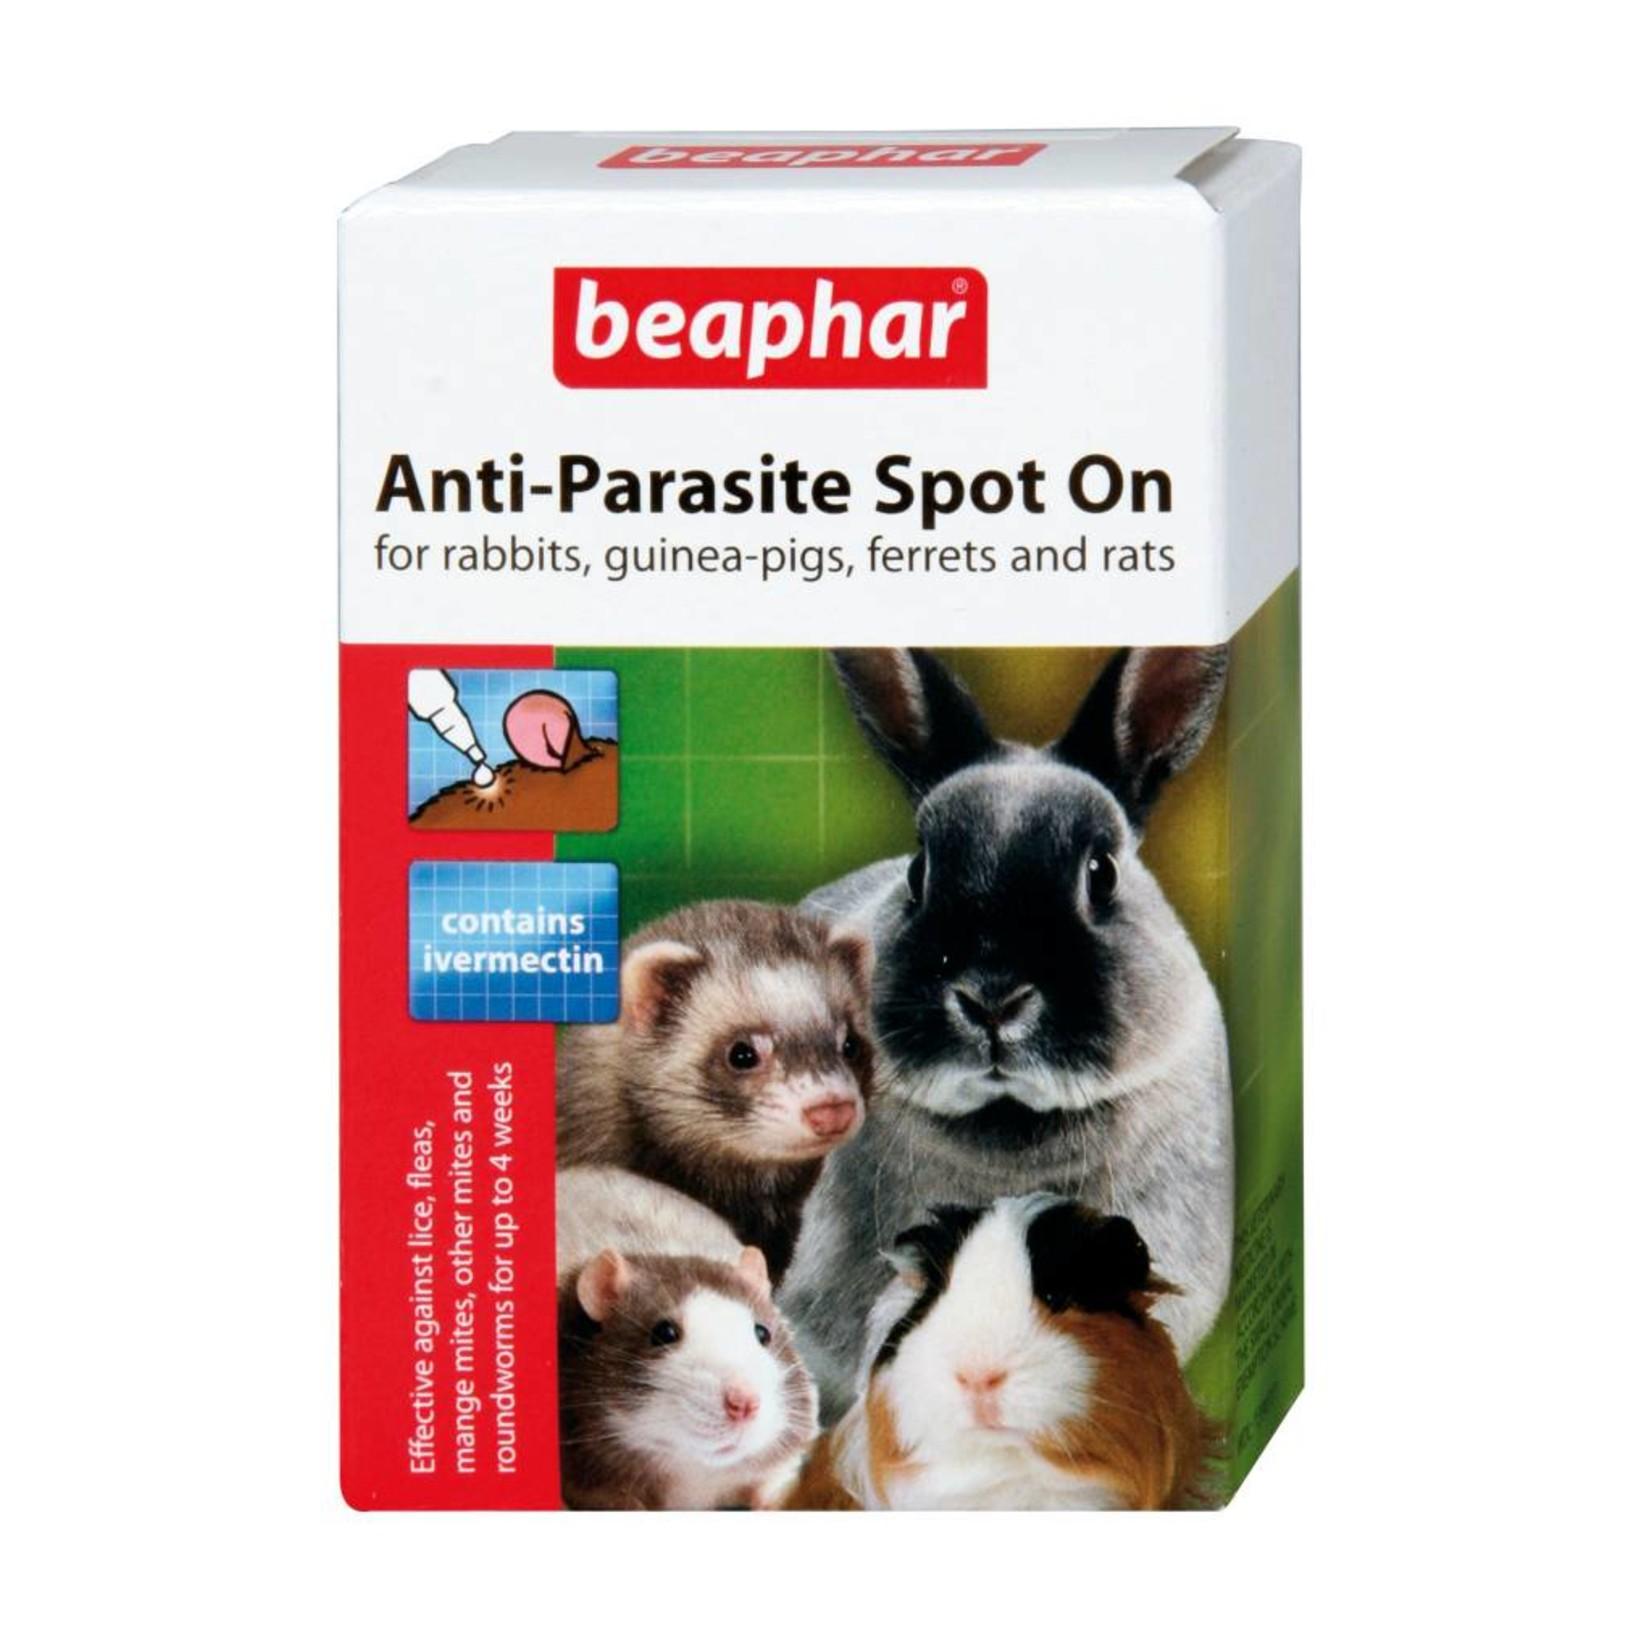 Beaphar Anti Parasite Spot-On for Rabbits & Guinea Pigs, 4 pack